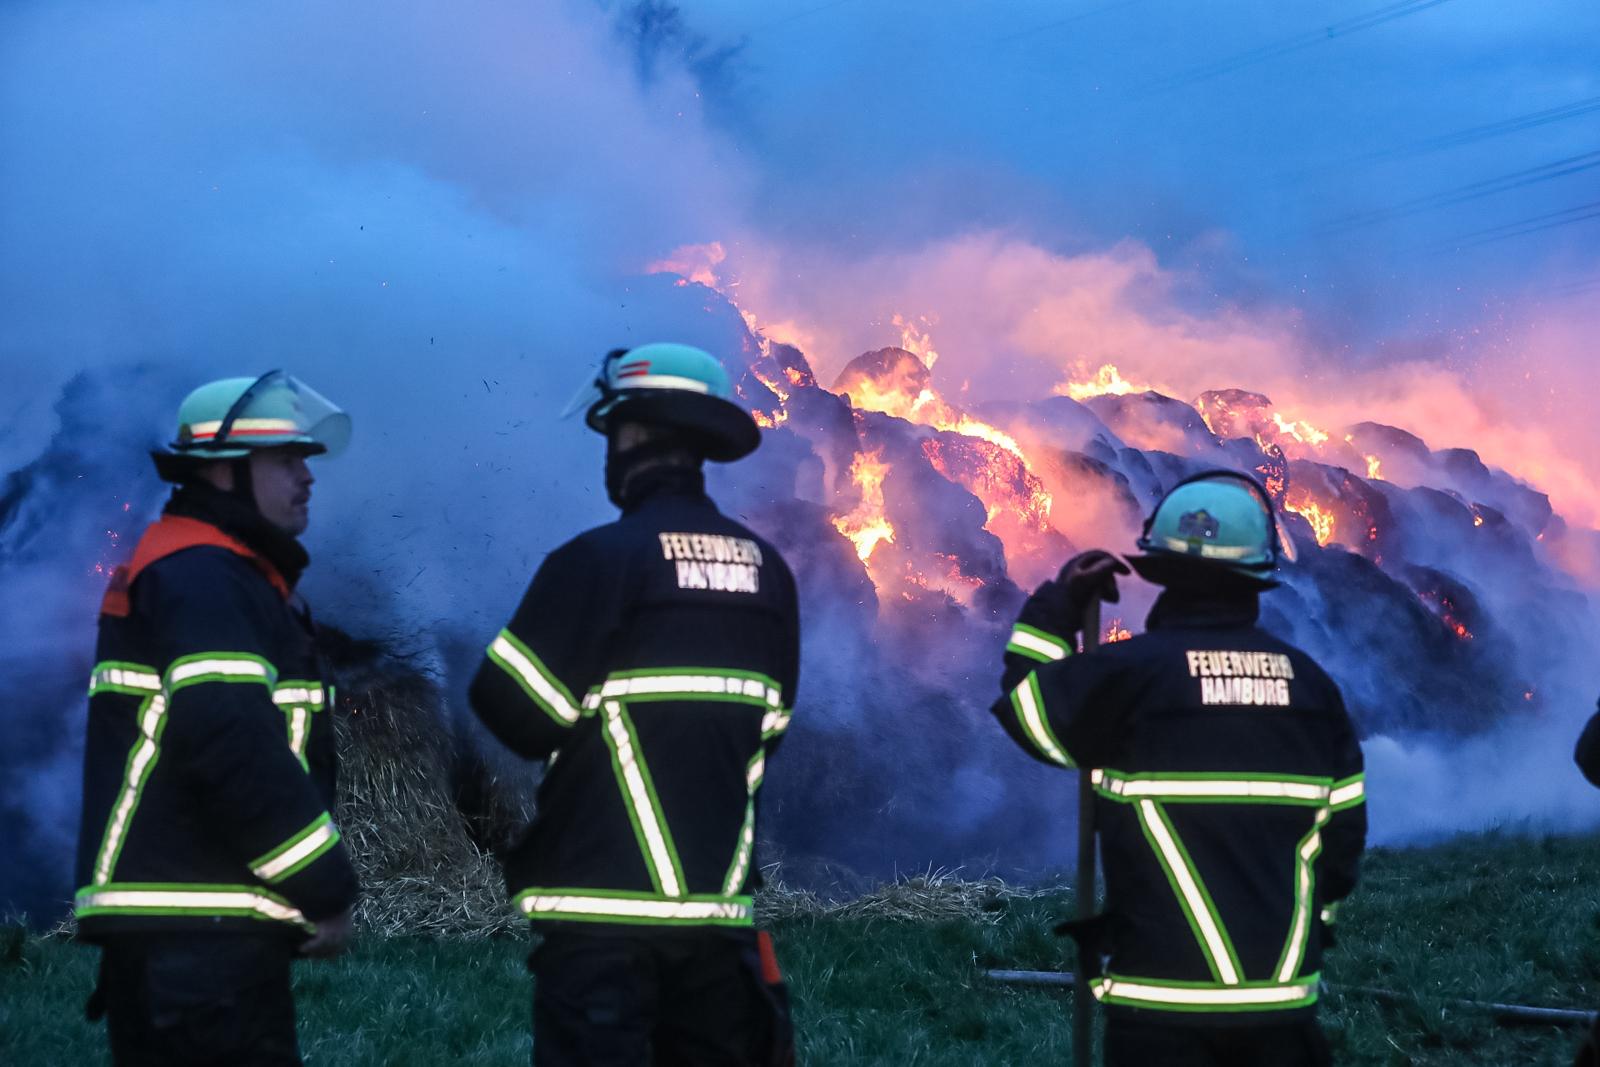 Mehrere Strohballen in Brand! – Sturm facht Feuer an!